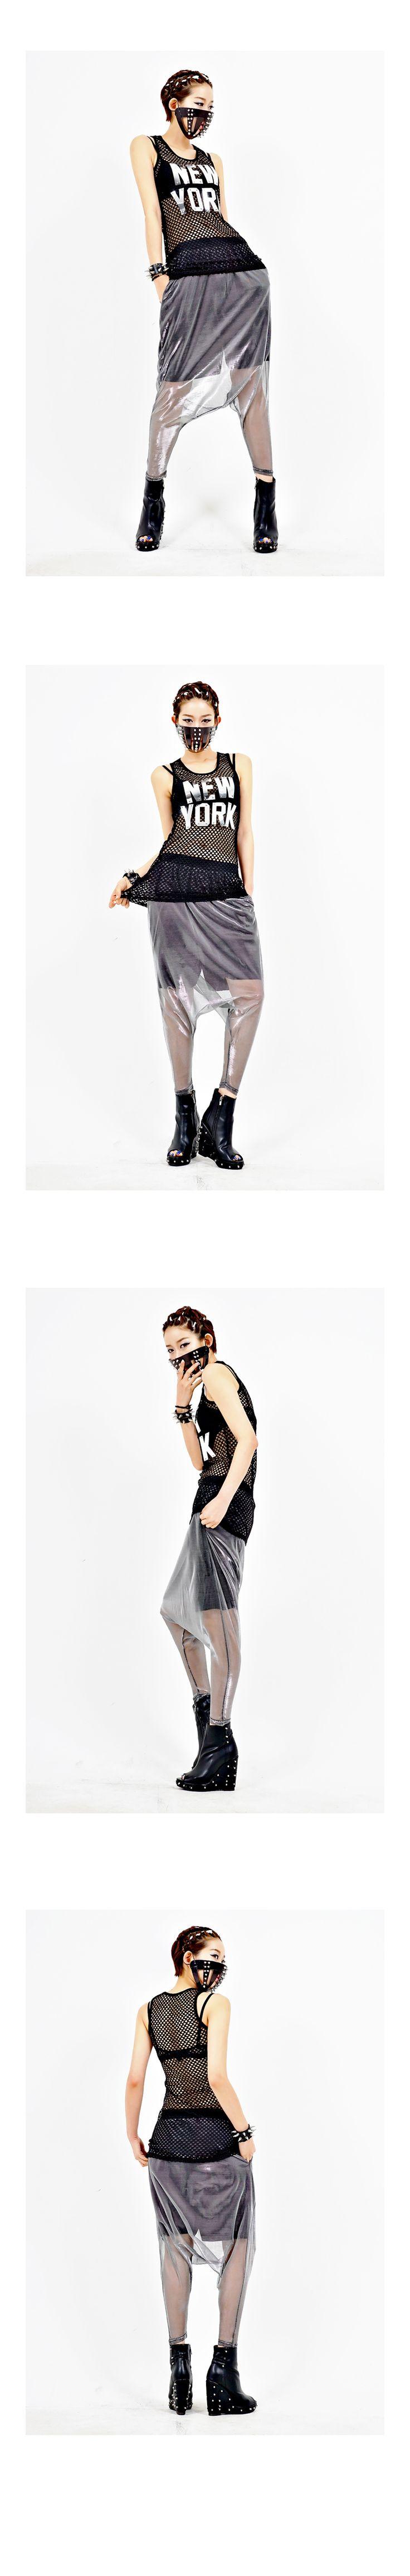 ★하이퀄리티 여성의류 쇼핑몰[라라샵RARASHOP]유니크 펑키 스트리트, POP FASHION, unique, club, party, stage, punk style